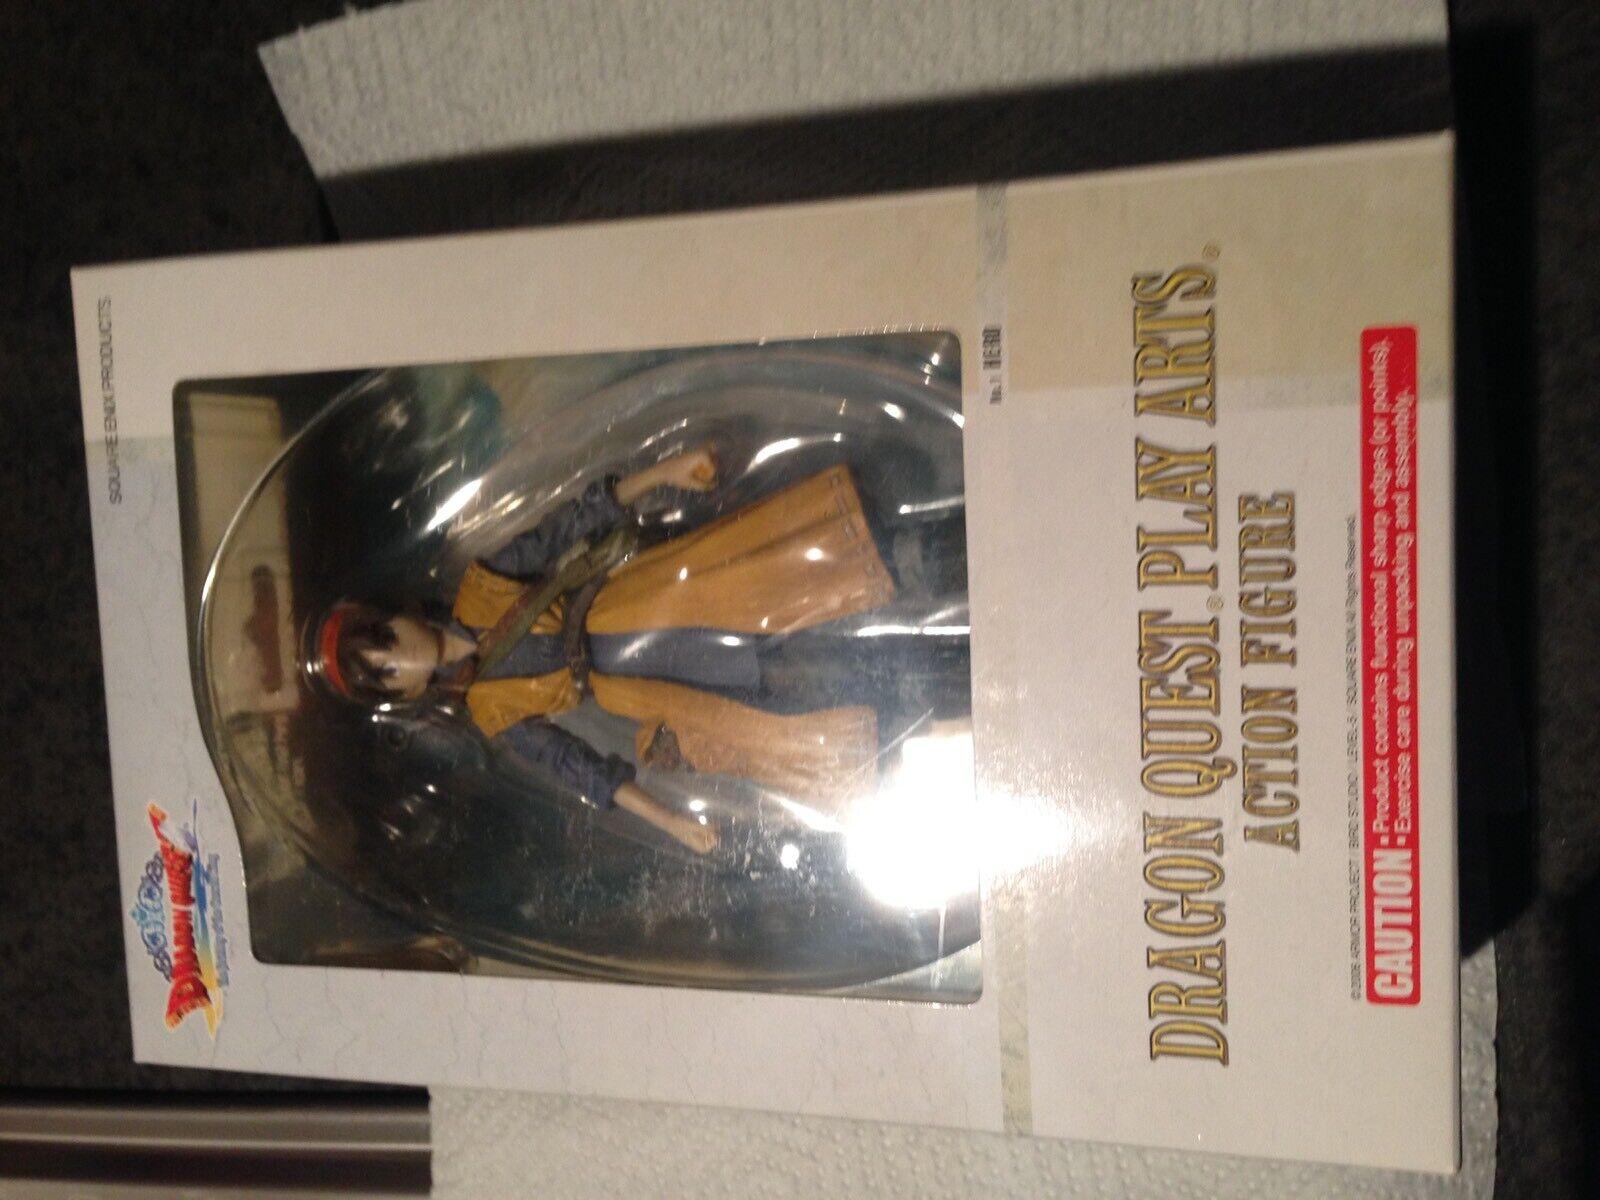 Dragon Quest Play Arts No1 Hero Figure BNIB sealed.